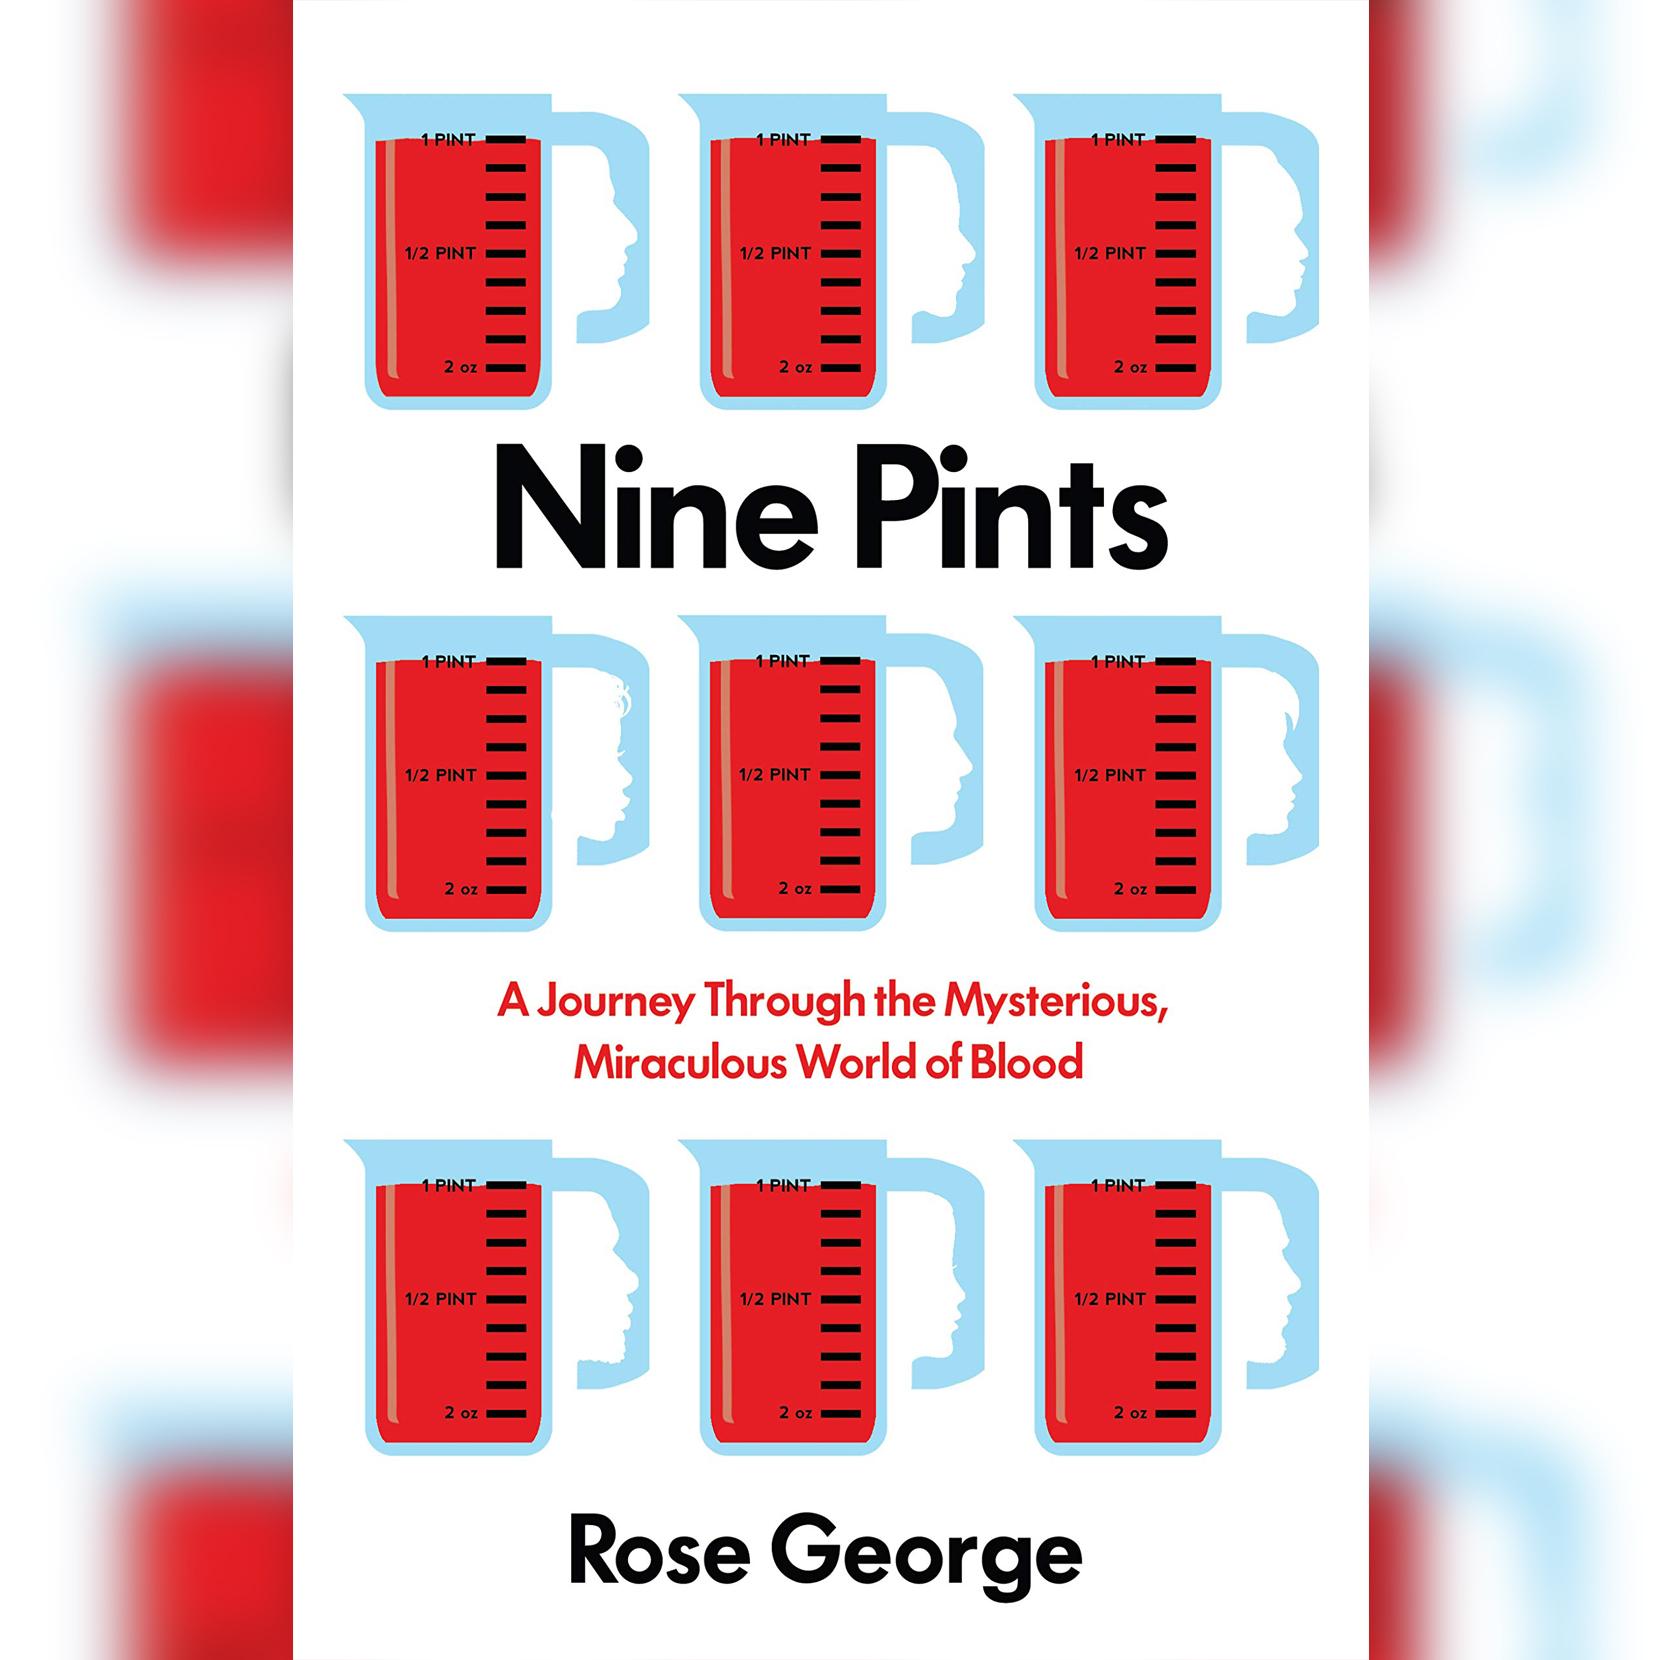 'Nine Pints' by Rose George